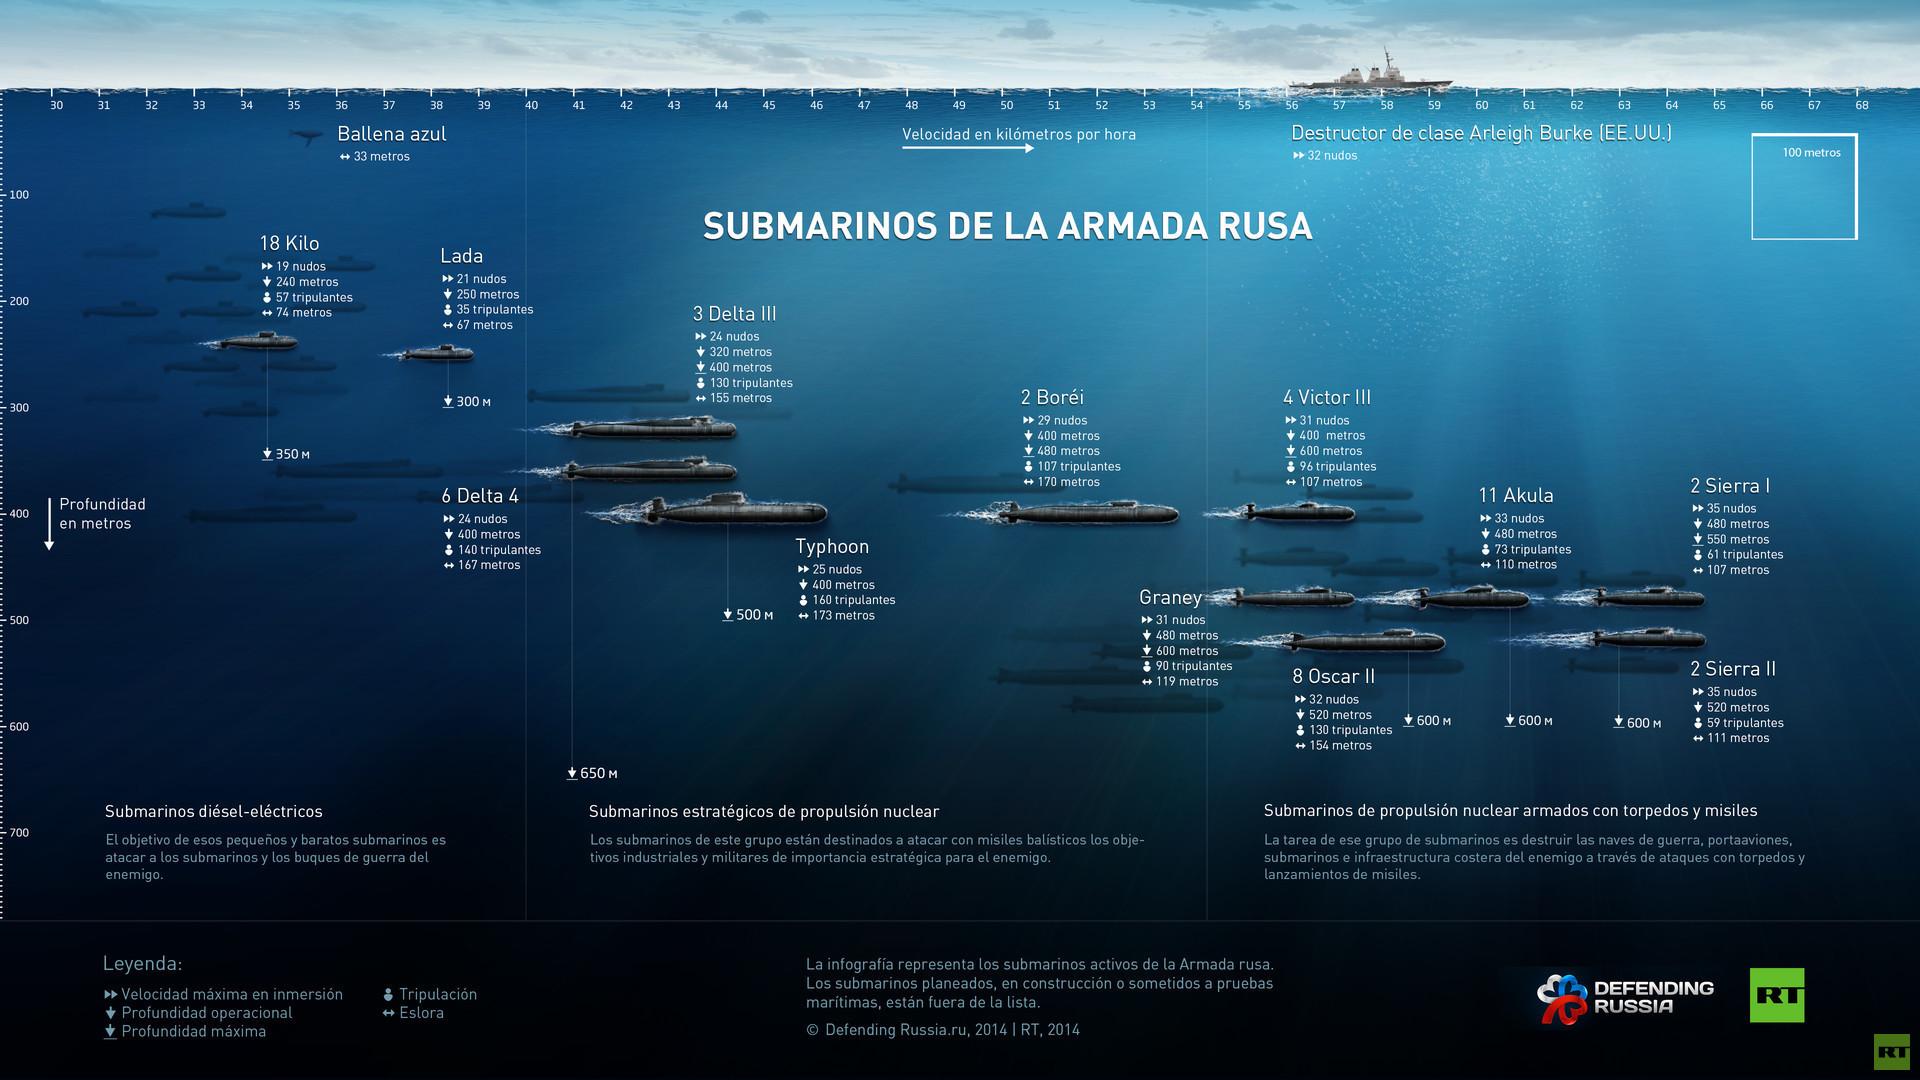 Fuerza submarina de Rusia